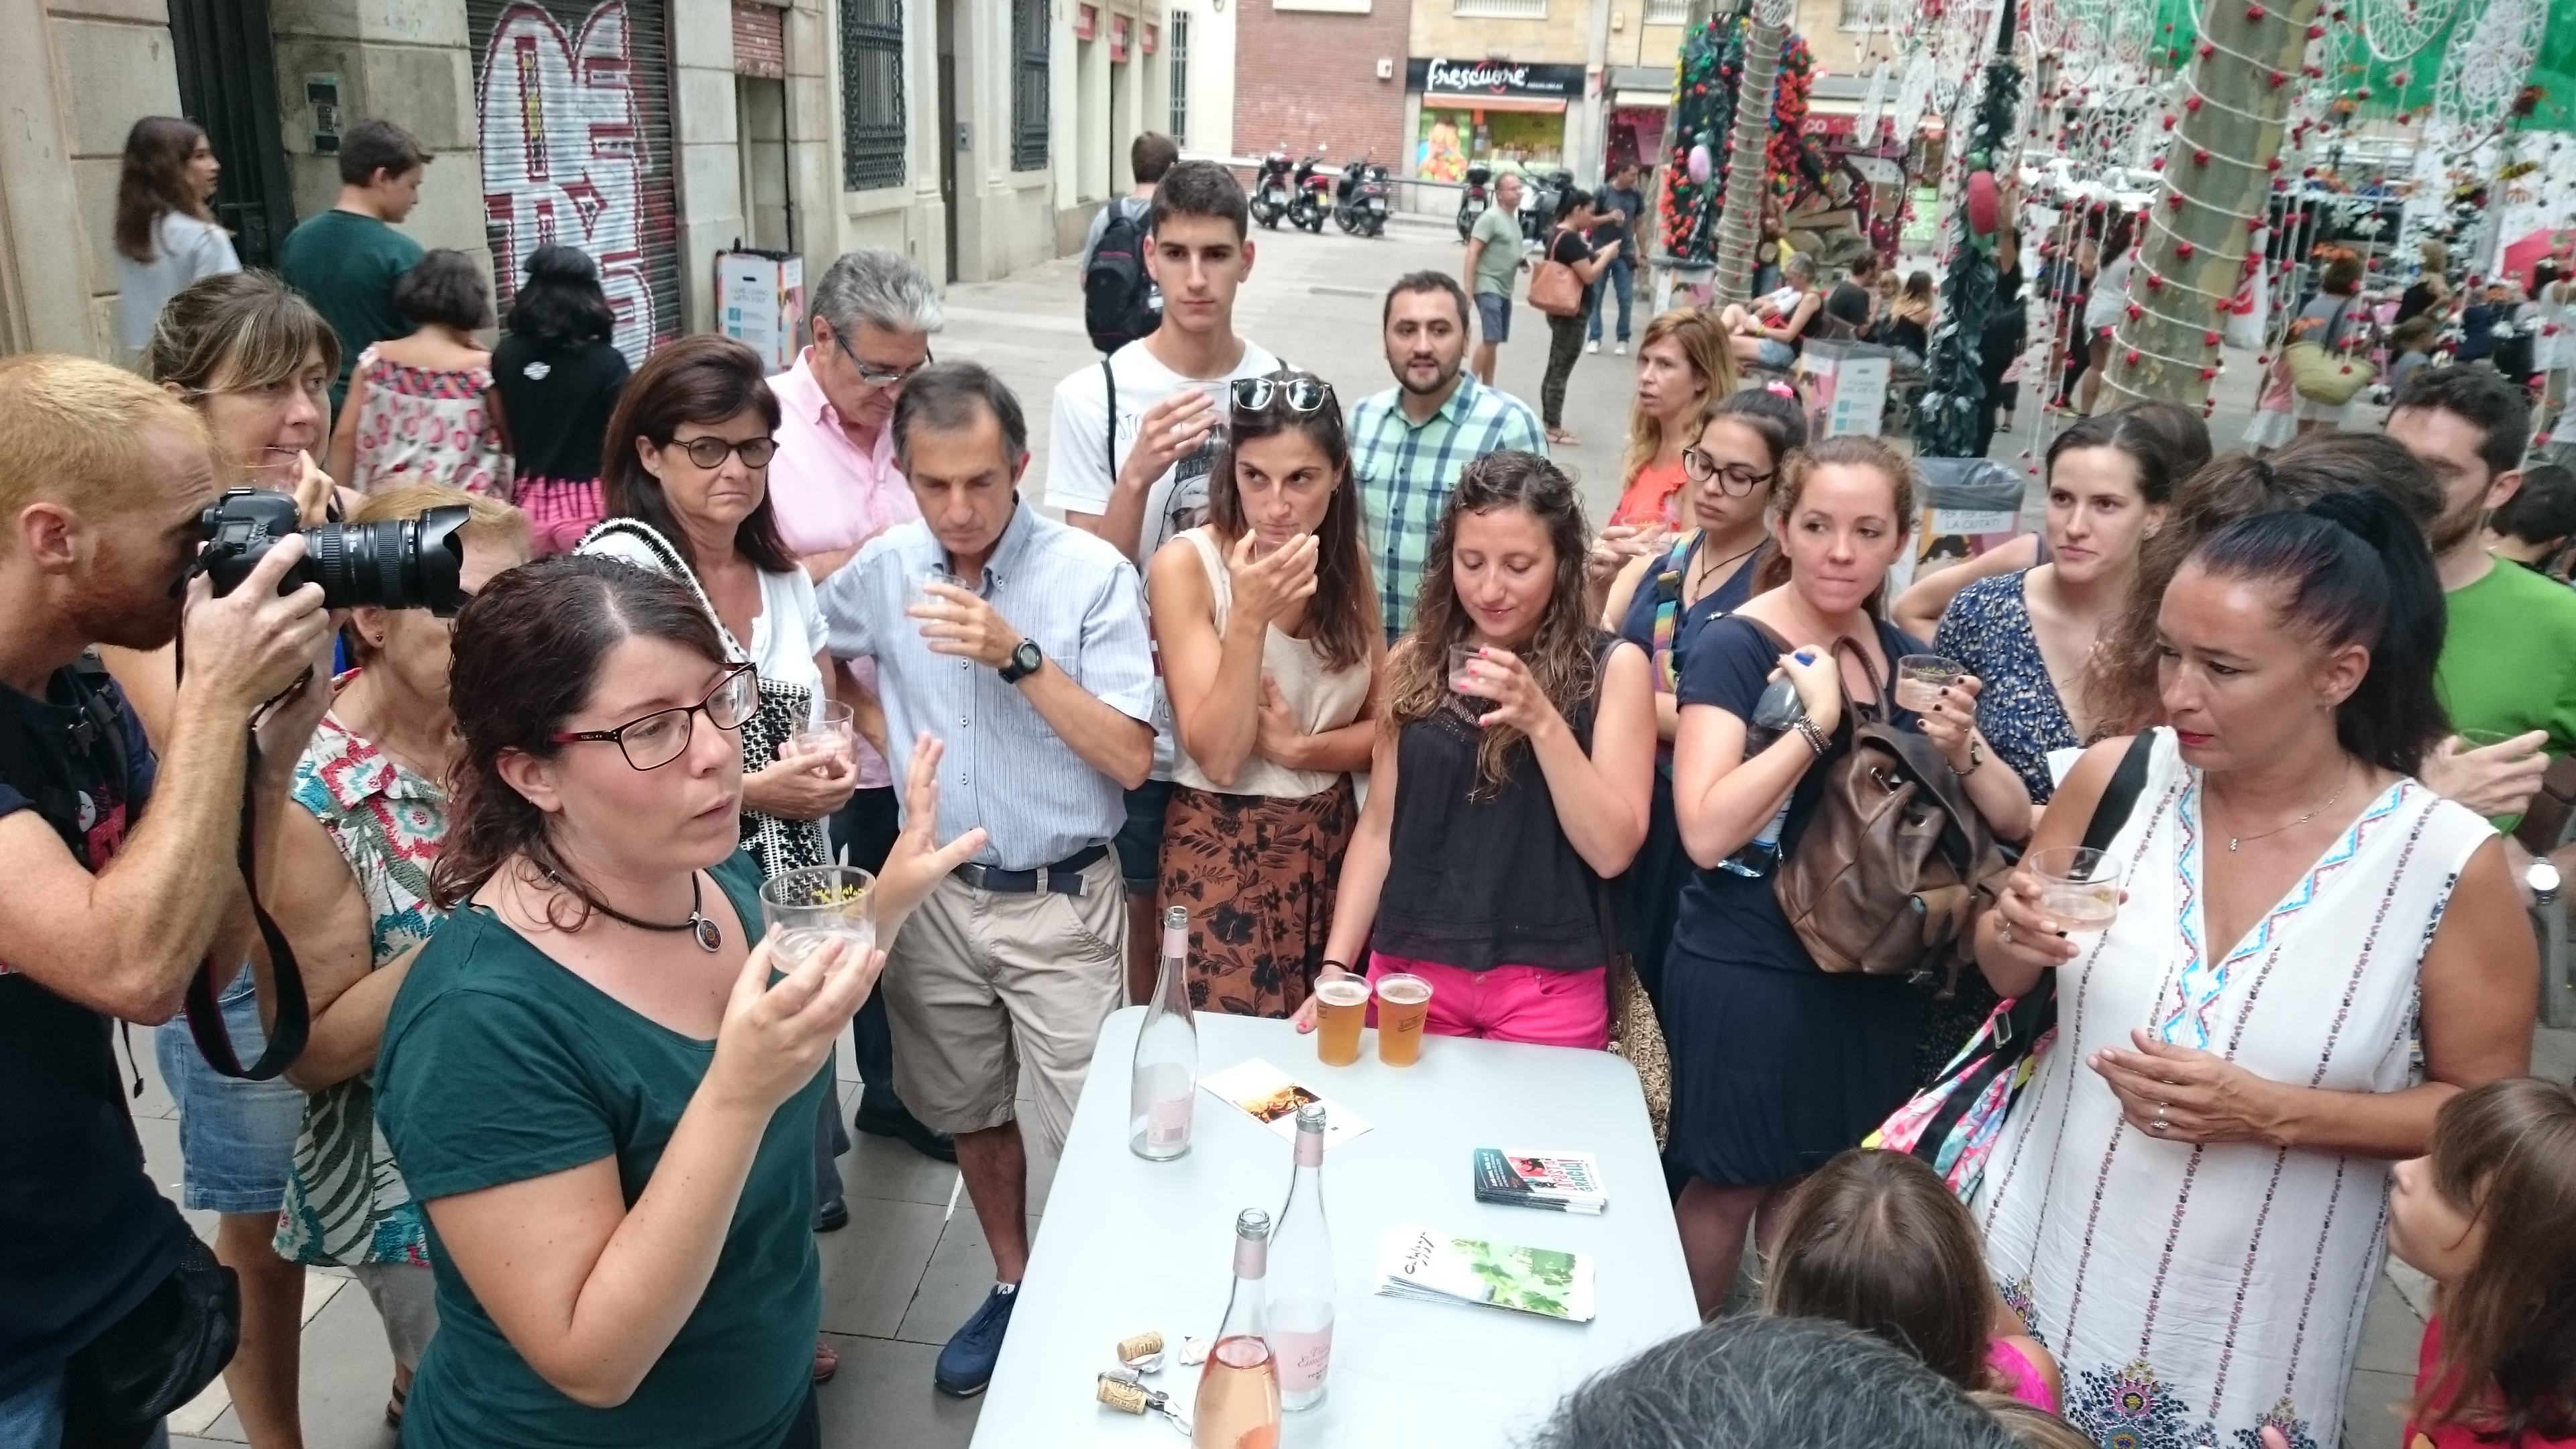 Una ruta dels vins: tastos guiats per arribar al consumidor